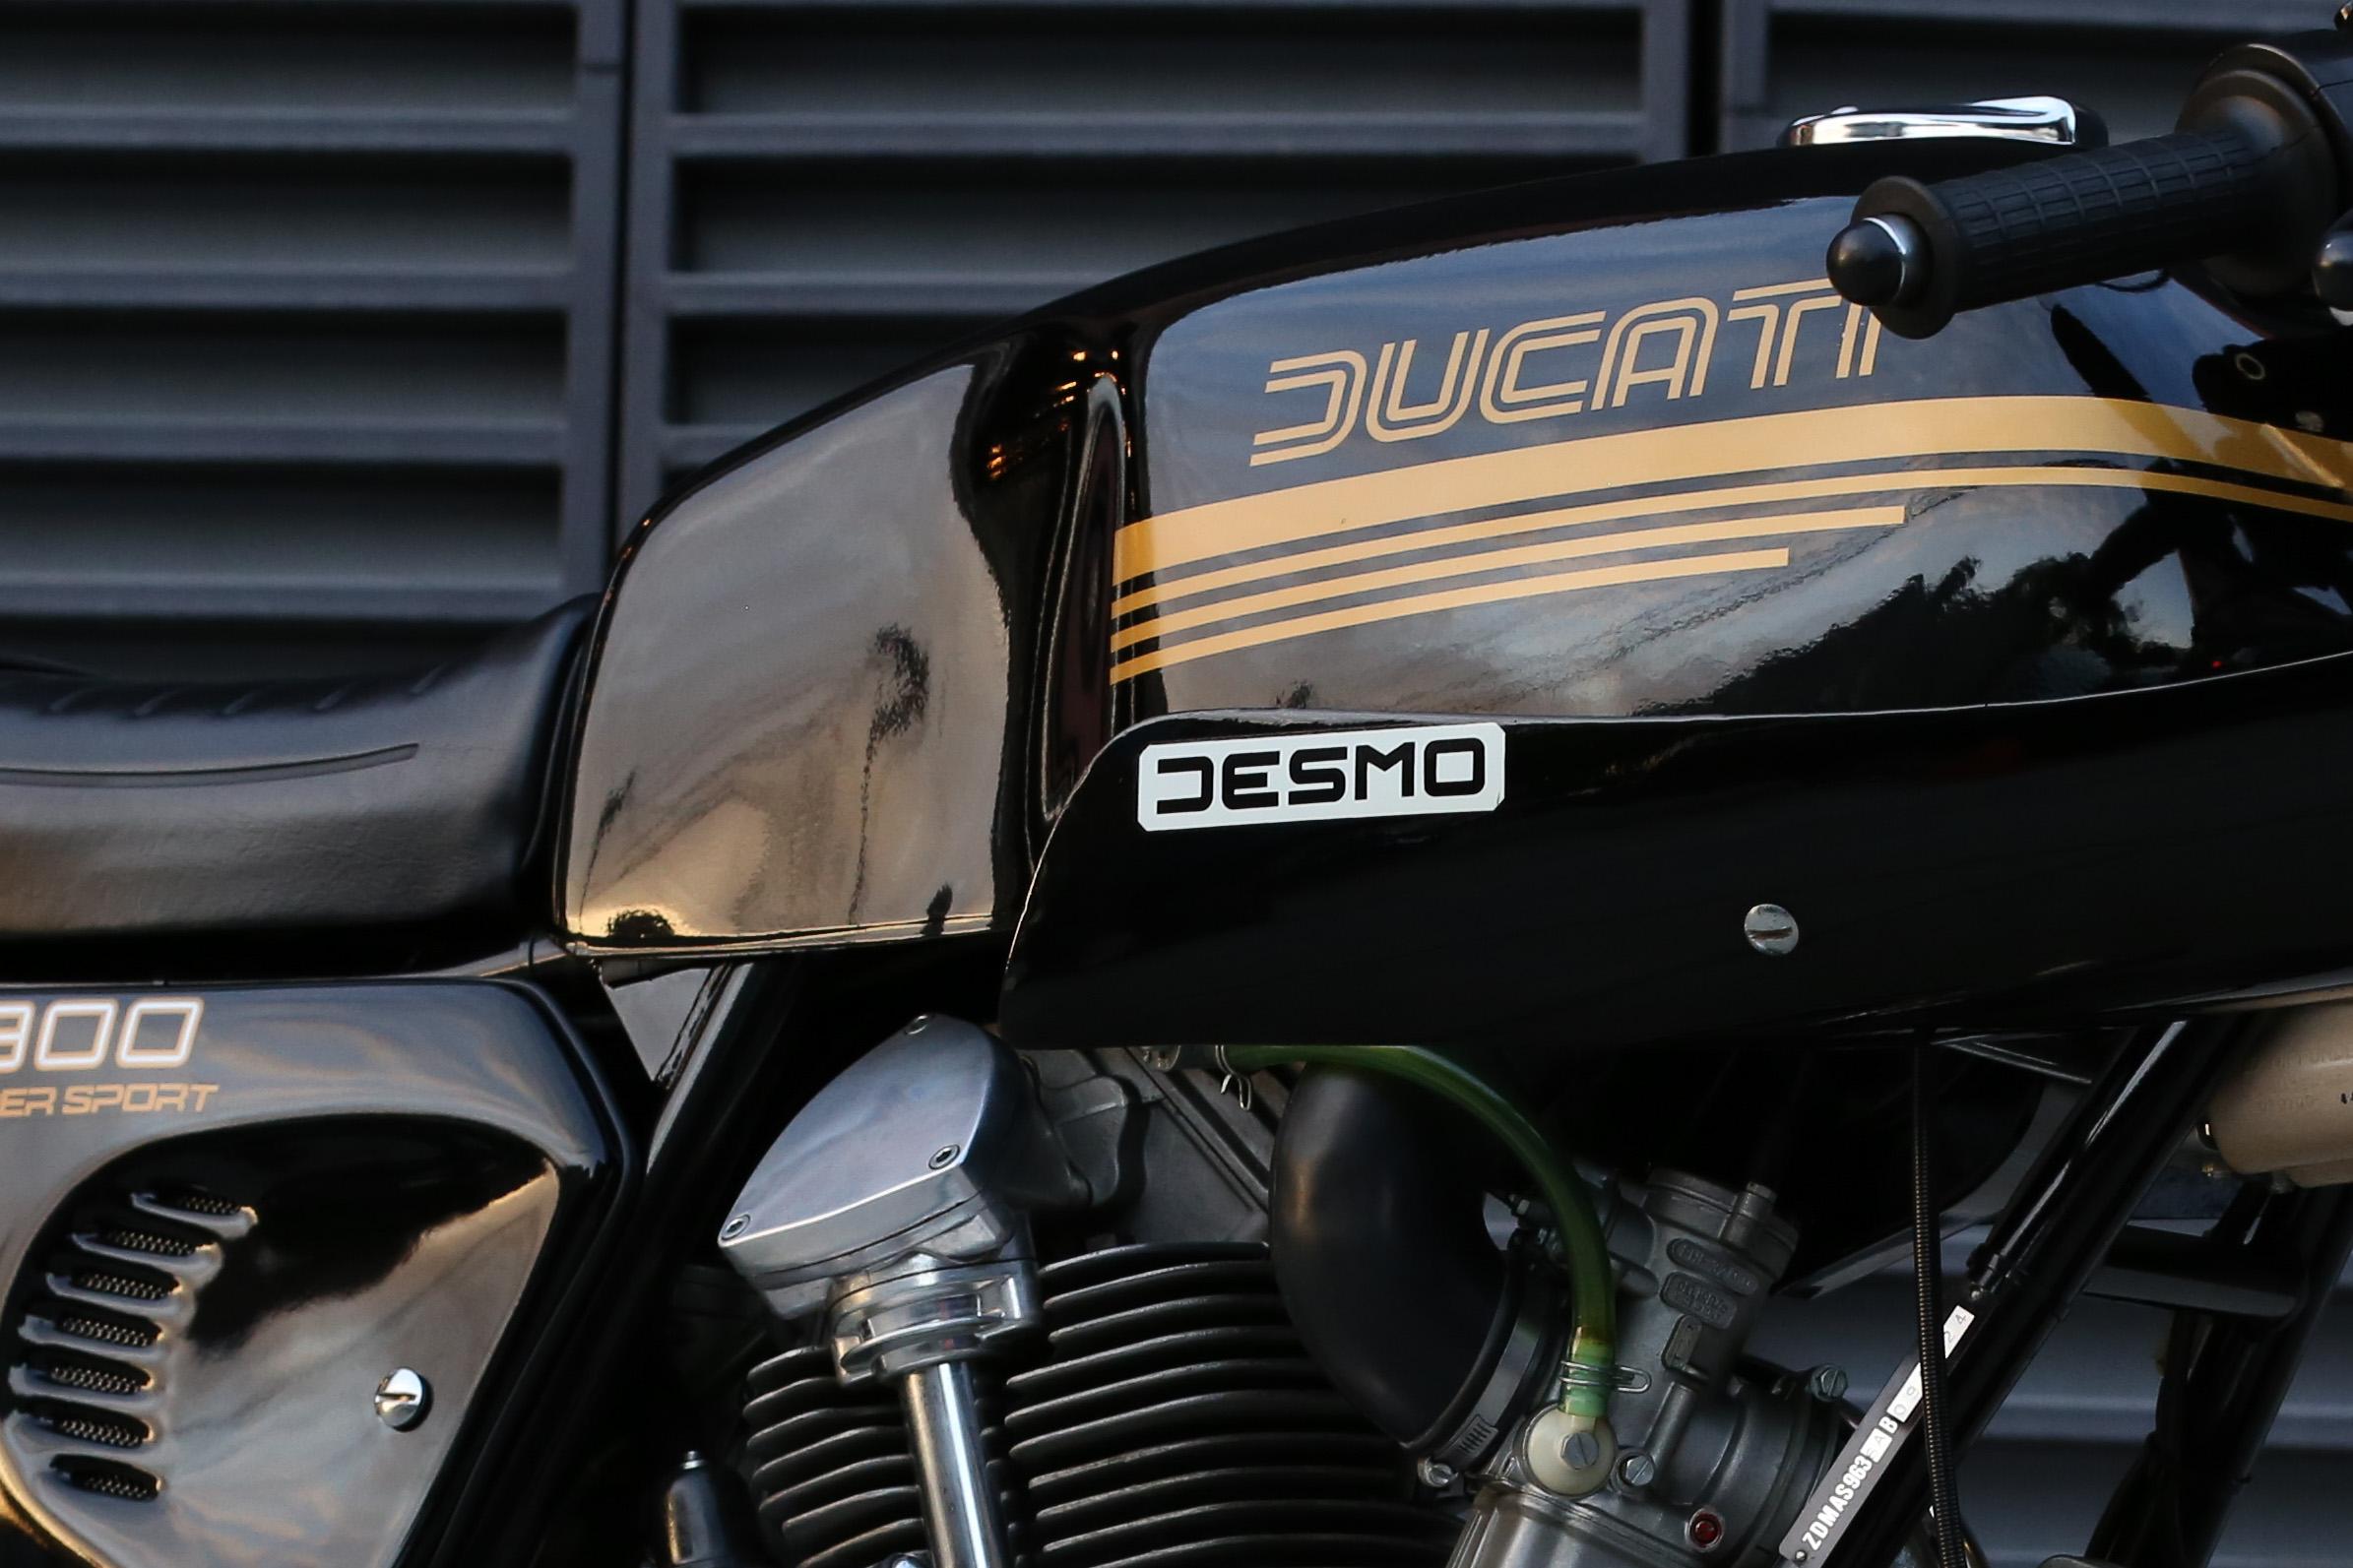 1981 Ducati 900ss original paint